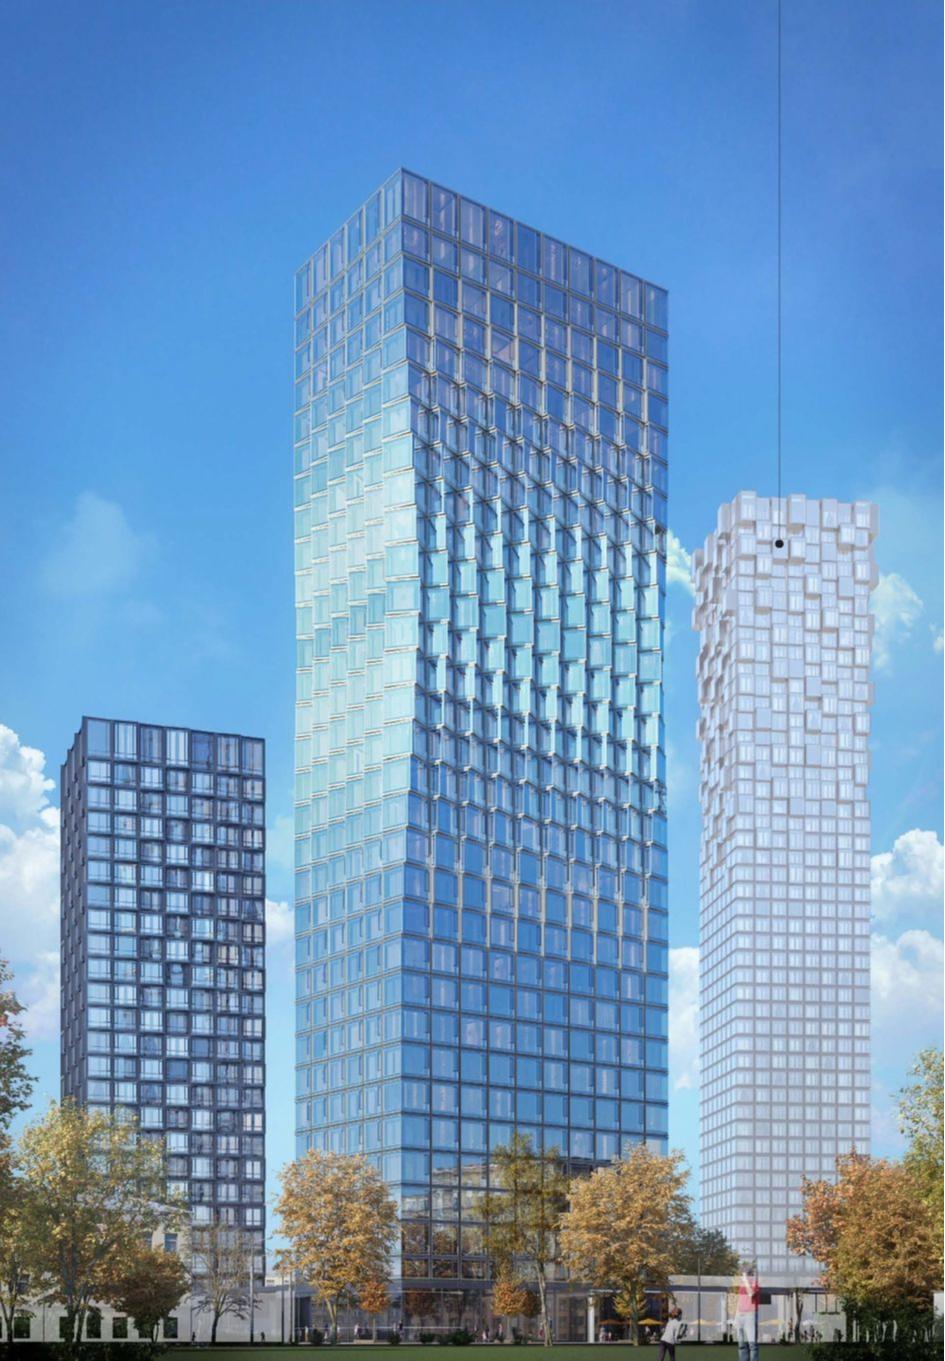 У каждого из зданий комплекса появляется свой узнаваемый архитектурный облик